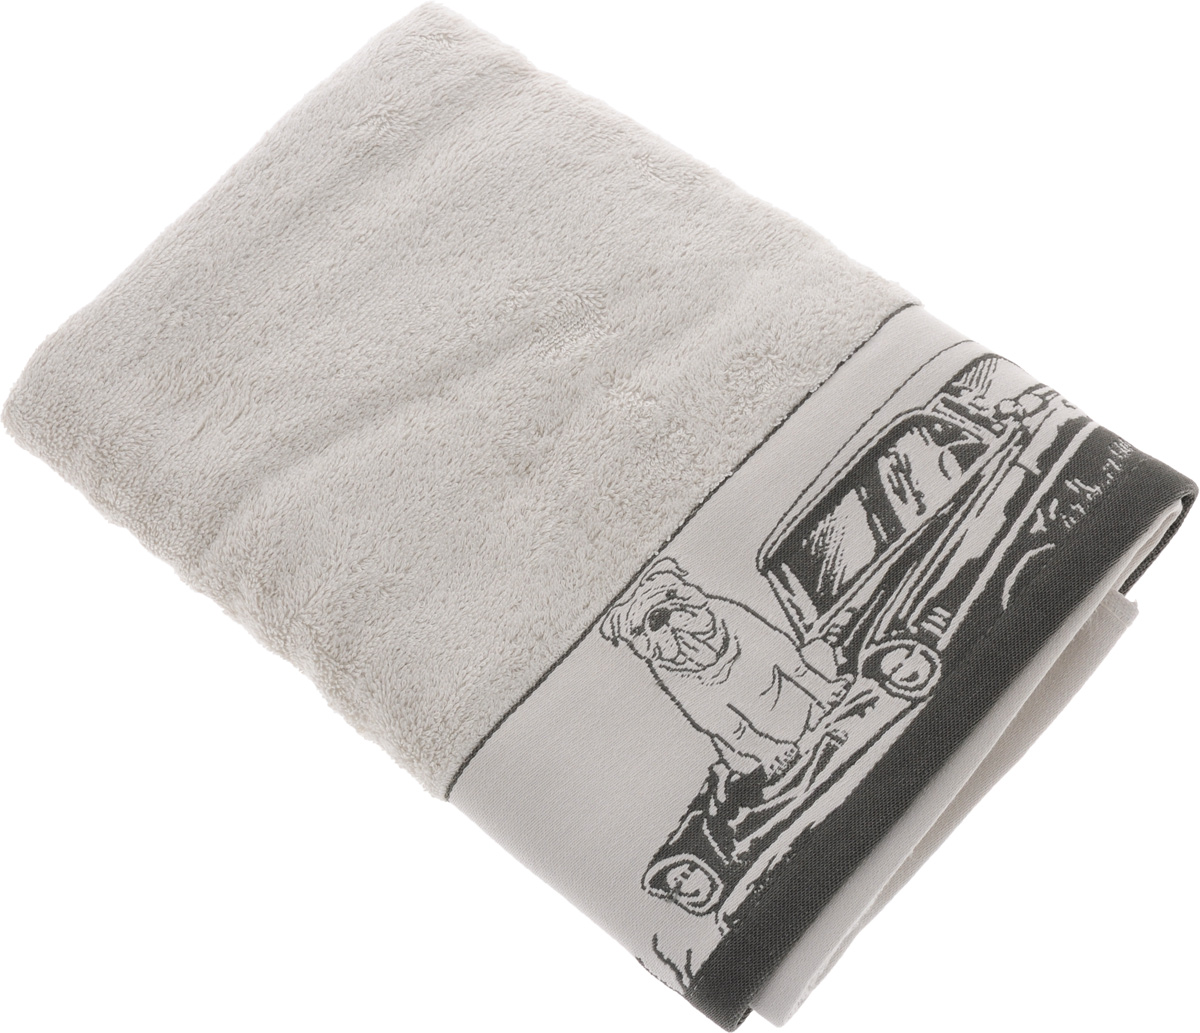 Полотенце Mona Liza Pet, цвет: светло-серый, серый, 70 х 140 см1004900000360Мягкое полотенце Pet изготовлено из 30% хлопка и 70% бамбукового волокна. Полотенце Pet с жаккардовым бордюром обладает высокой впитывающей способностью и сочетает в себе элегантную роскошь и практичность. Благодаря высокому качеству изготовления, полотенце будет радовать вас многие годы. Мотивы коллекции Mona Liza Premium bu Serg Look навеяны итальянскими фресками эпохи Ренессанса, периода удивительной гармонии в искусстве. В представленной коллекции для нанесения на ткань рисунка применяется многоцветная печать, метод реактивного крашения, который позволяет создать уникальную цветовую гамму, напоминающую старинные фрески. Этот метод также обеспечивает высокую устойчивость краски при стирке.